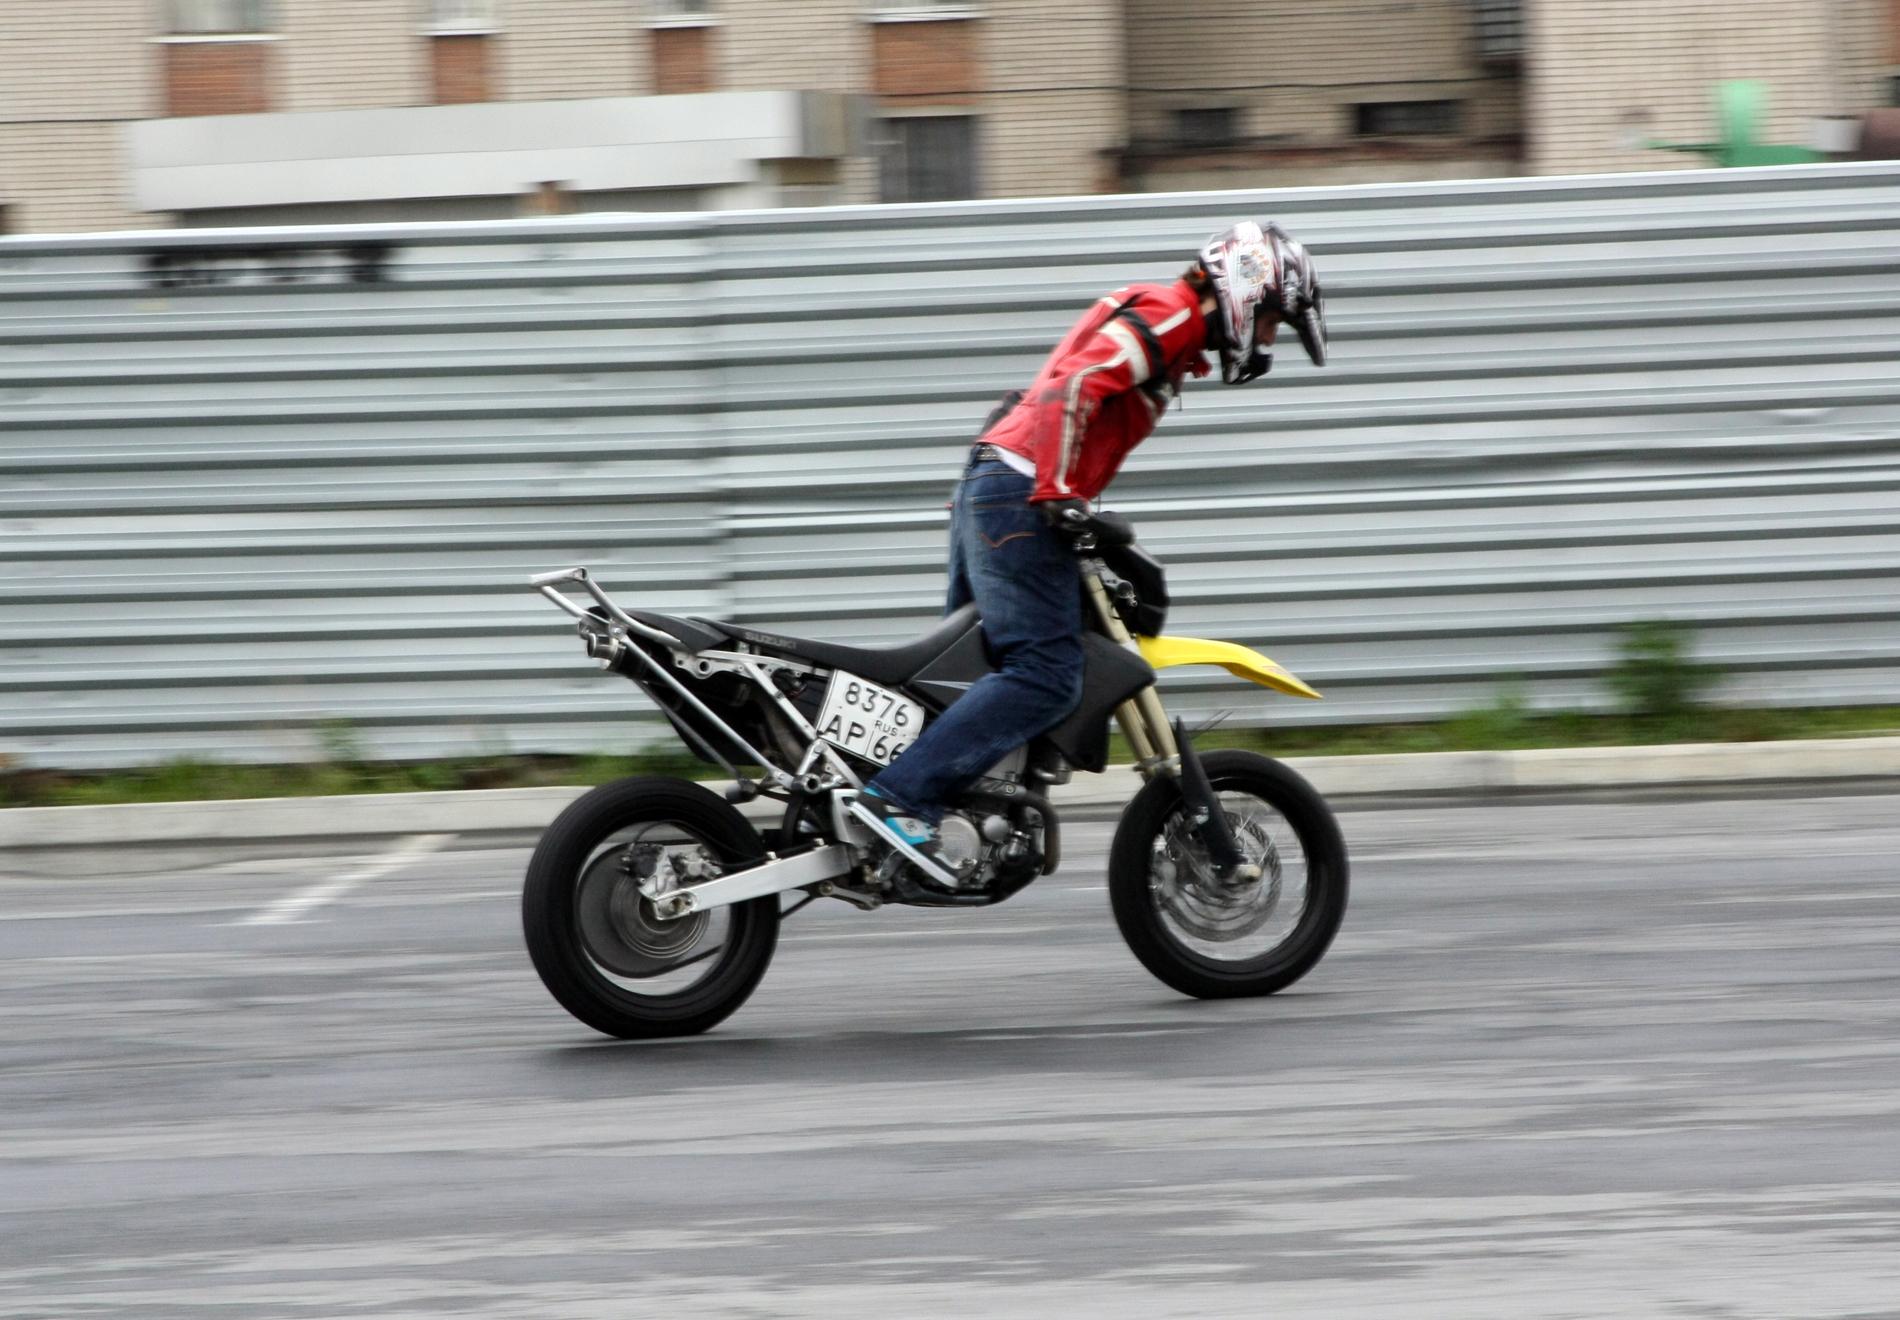 ГИБДД просит сообщать о мотоциклистах, ездящих не по правилам